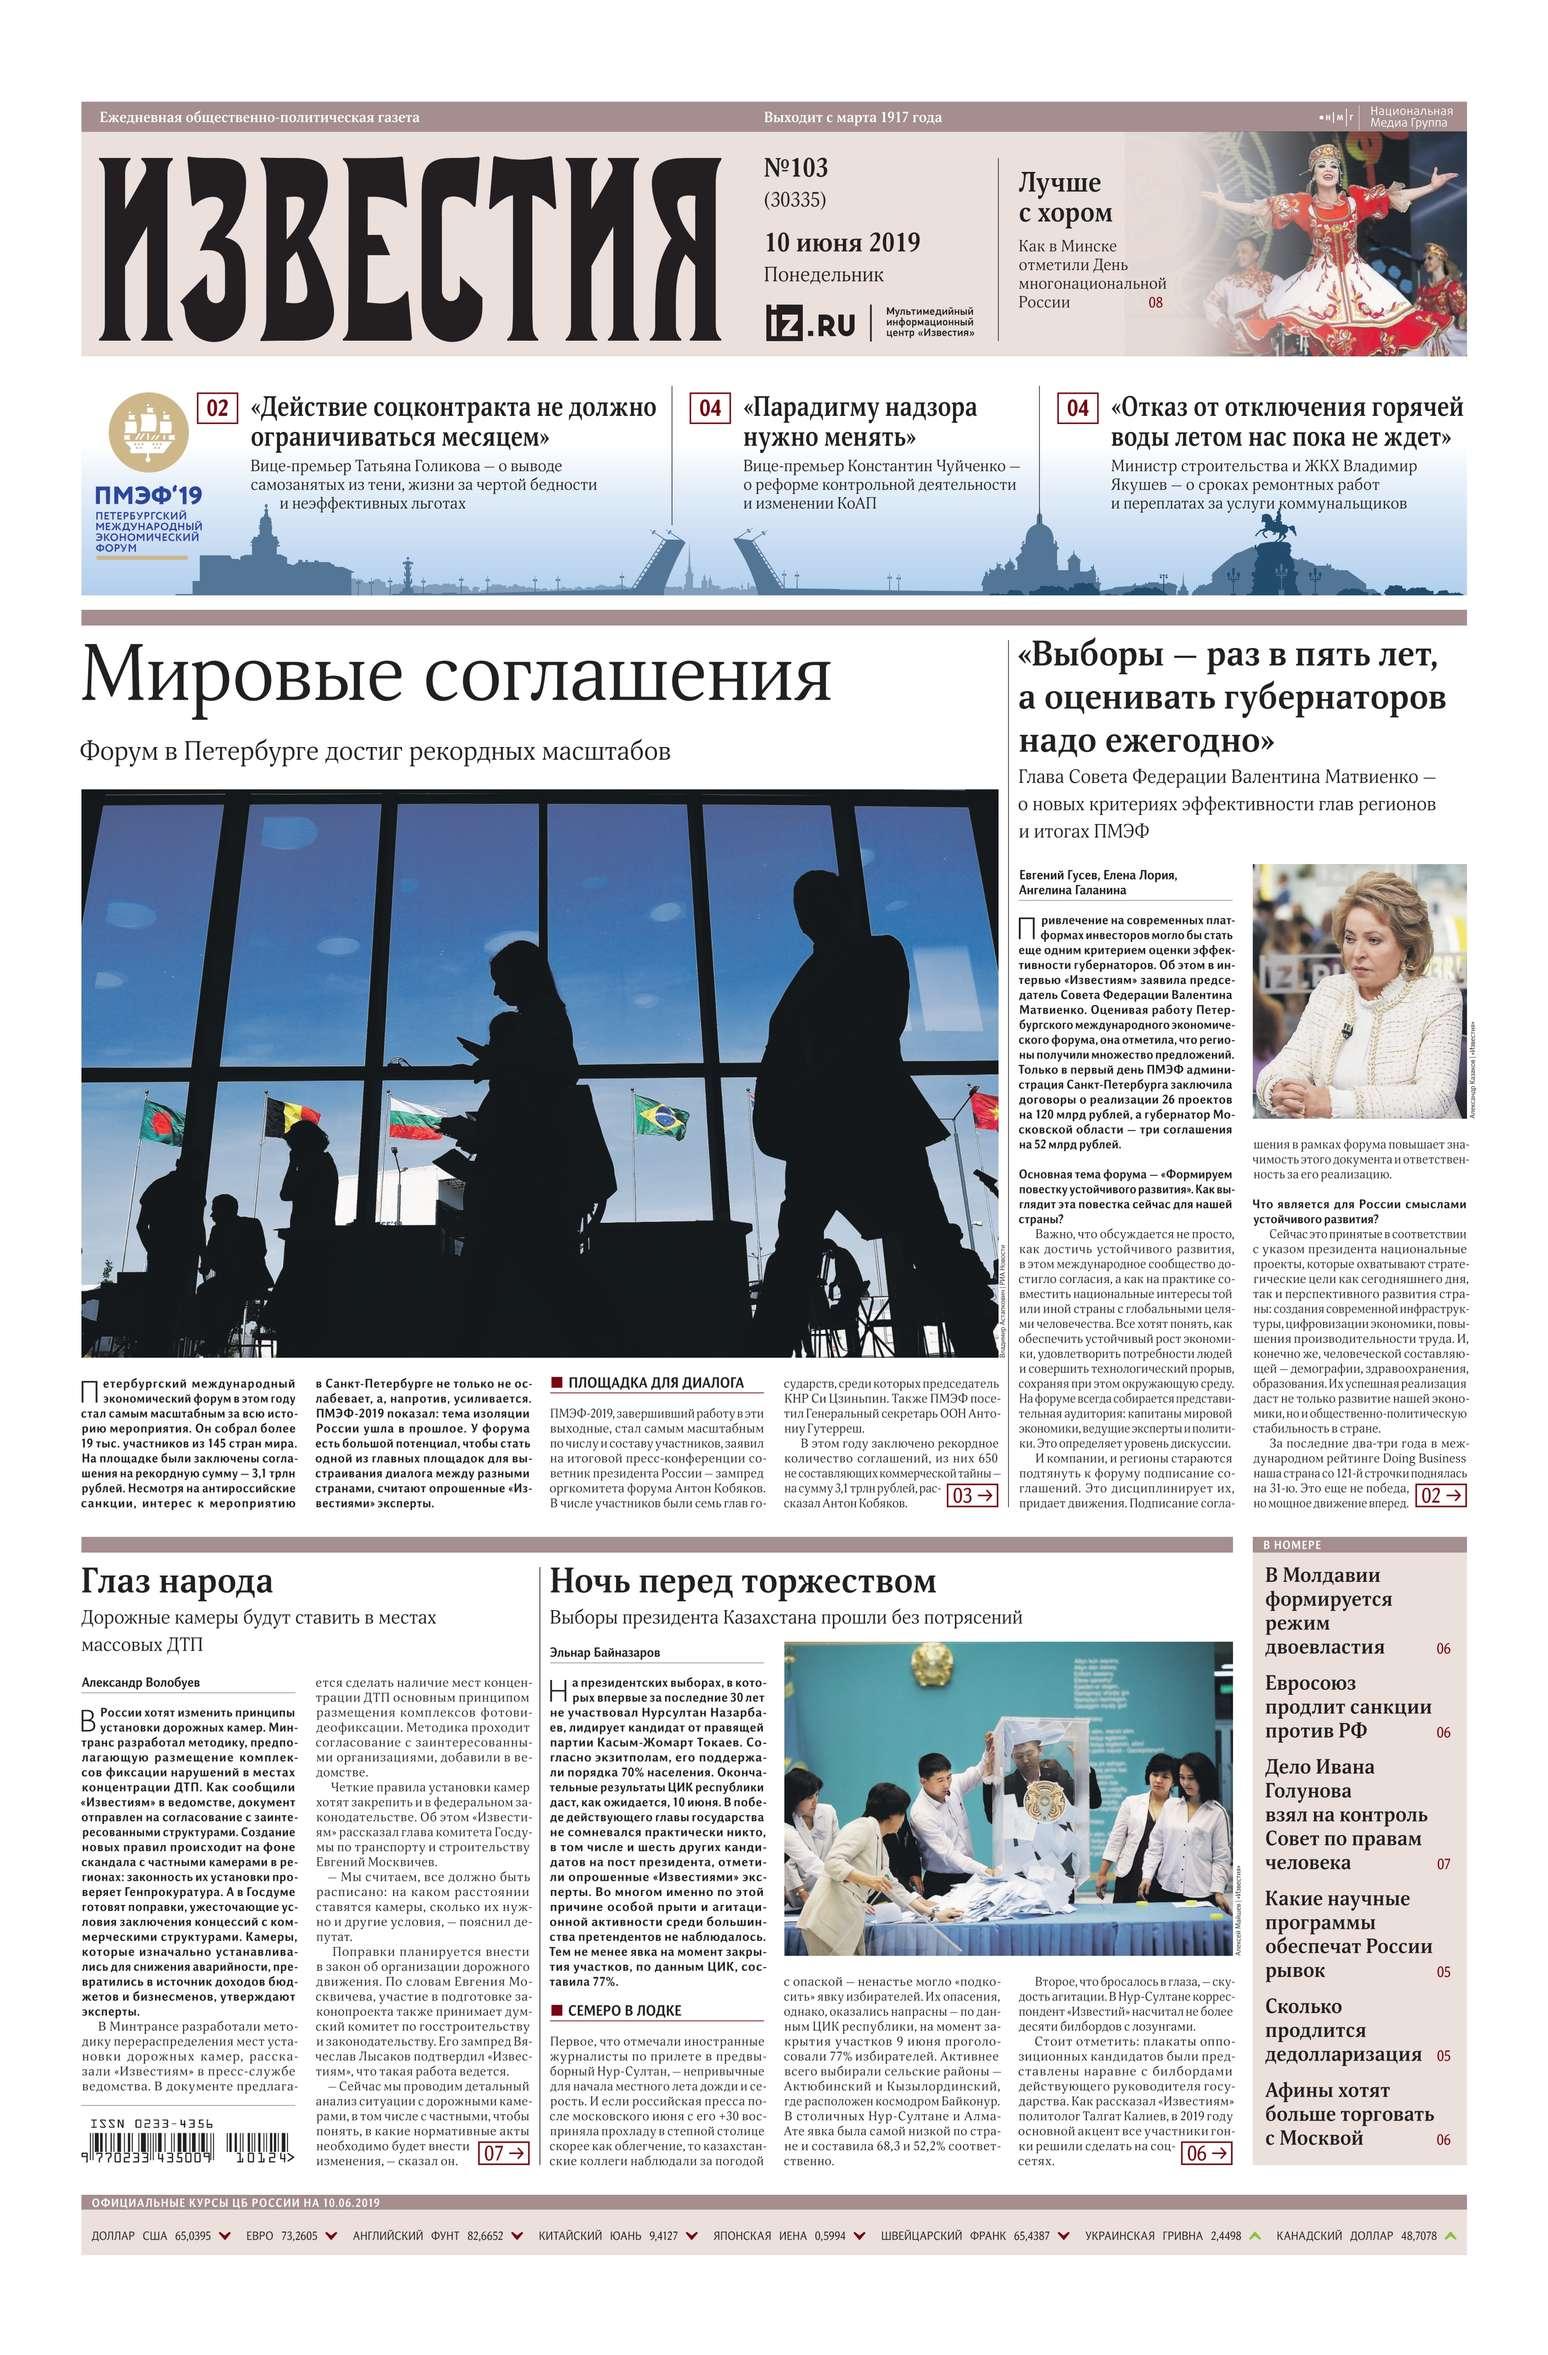 Известия 103-2019